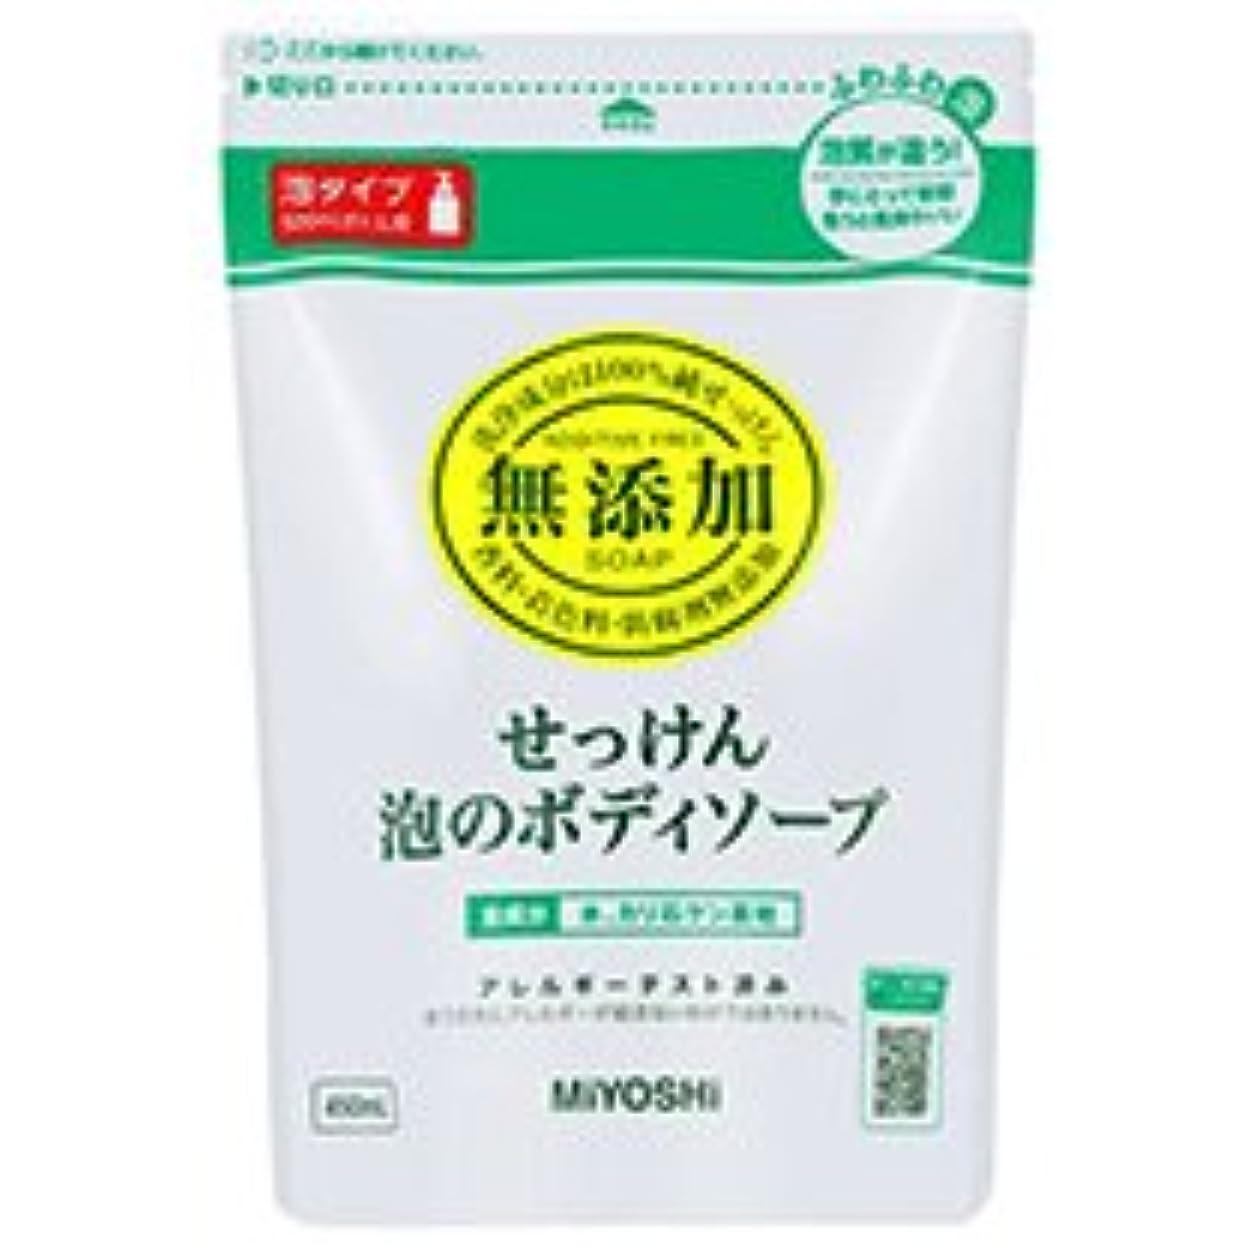 典型的な食堂お願いしますミヨシ石鹸 無添加せっけん 泡のボディソープ 詰替用 450ml 1個